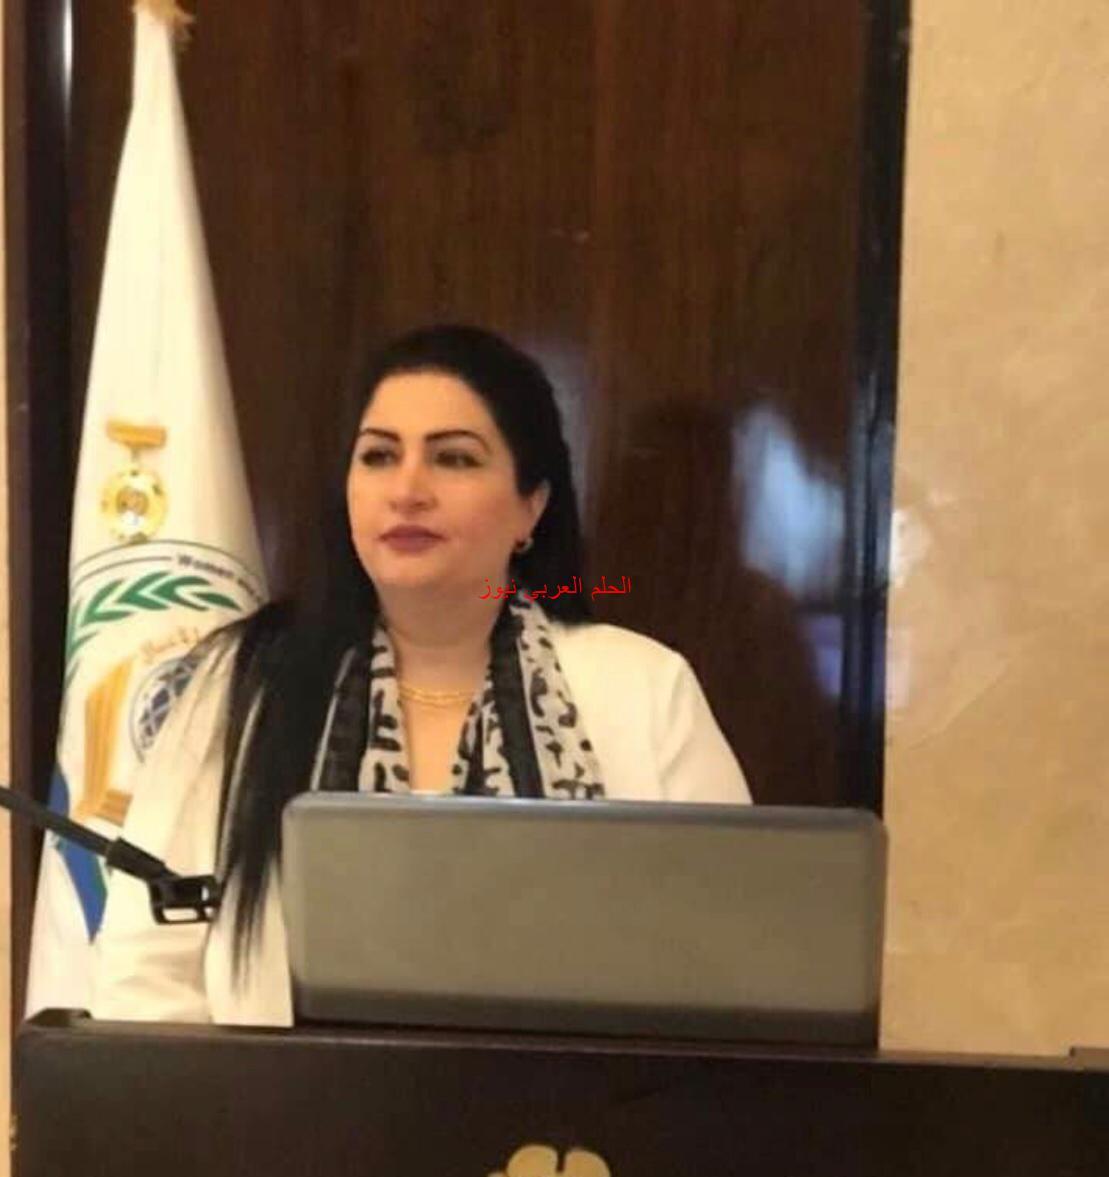 """""""إيمان غصين"""" تطلق مبادرة فرسان الإعلام في الوطن العربي."""